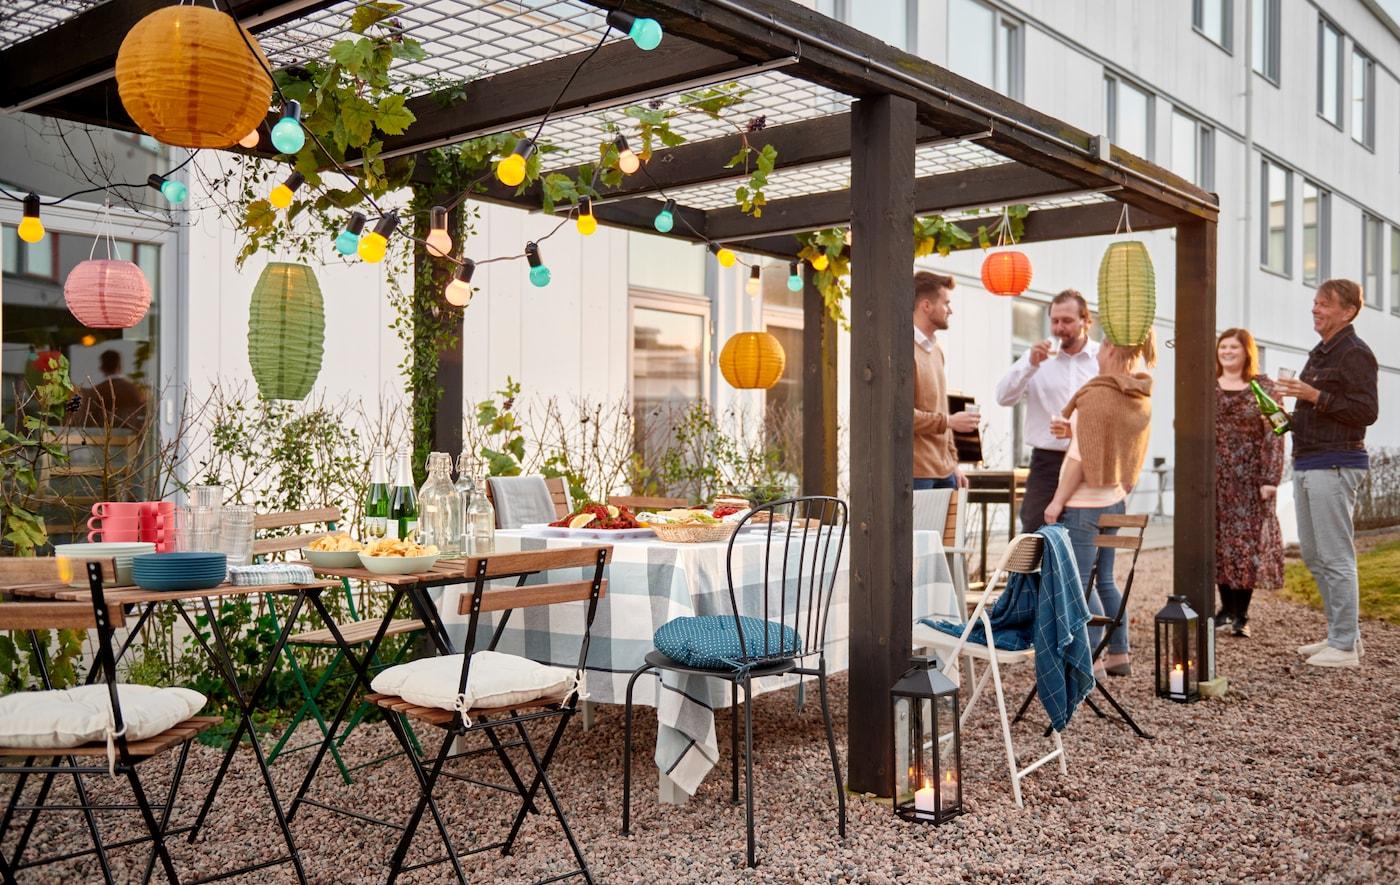 中庭に設置されたデコレーション付きのパーゴラ。その下にはパーティー用に椅子と小さなテーブルが並べられ、そばで何人かの人が立ち話をしている。